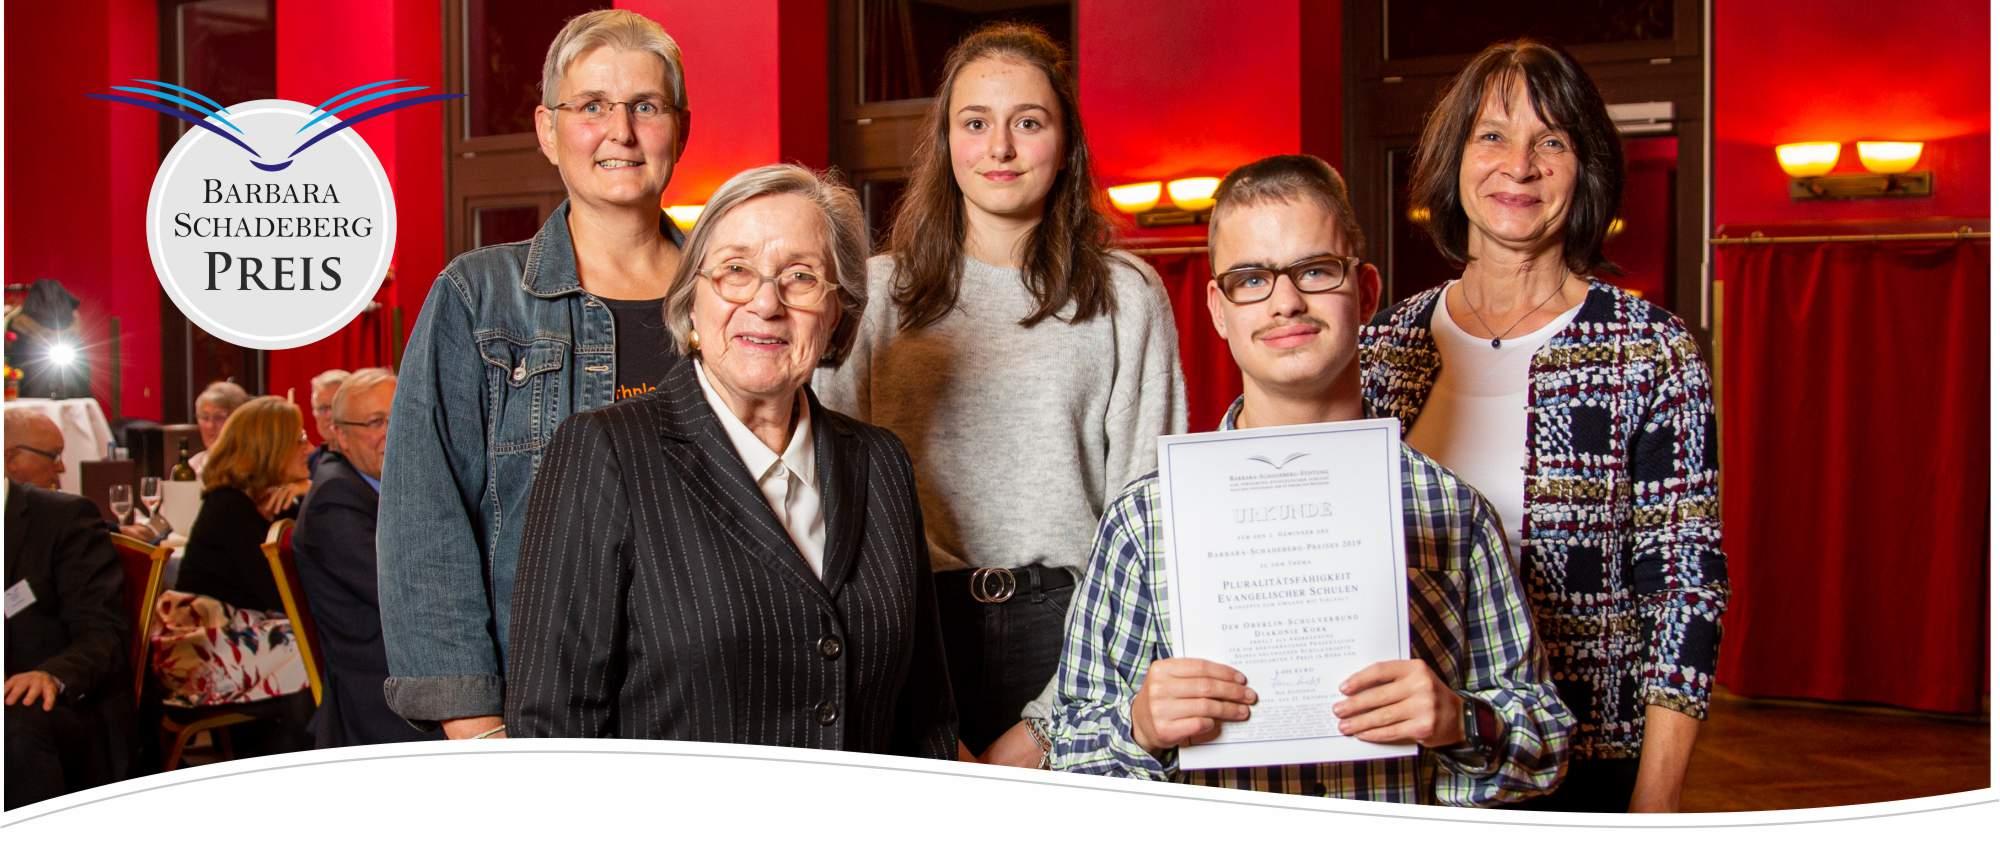 Barbara-Schadeberg-Preis 2019 | 1. Platz